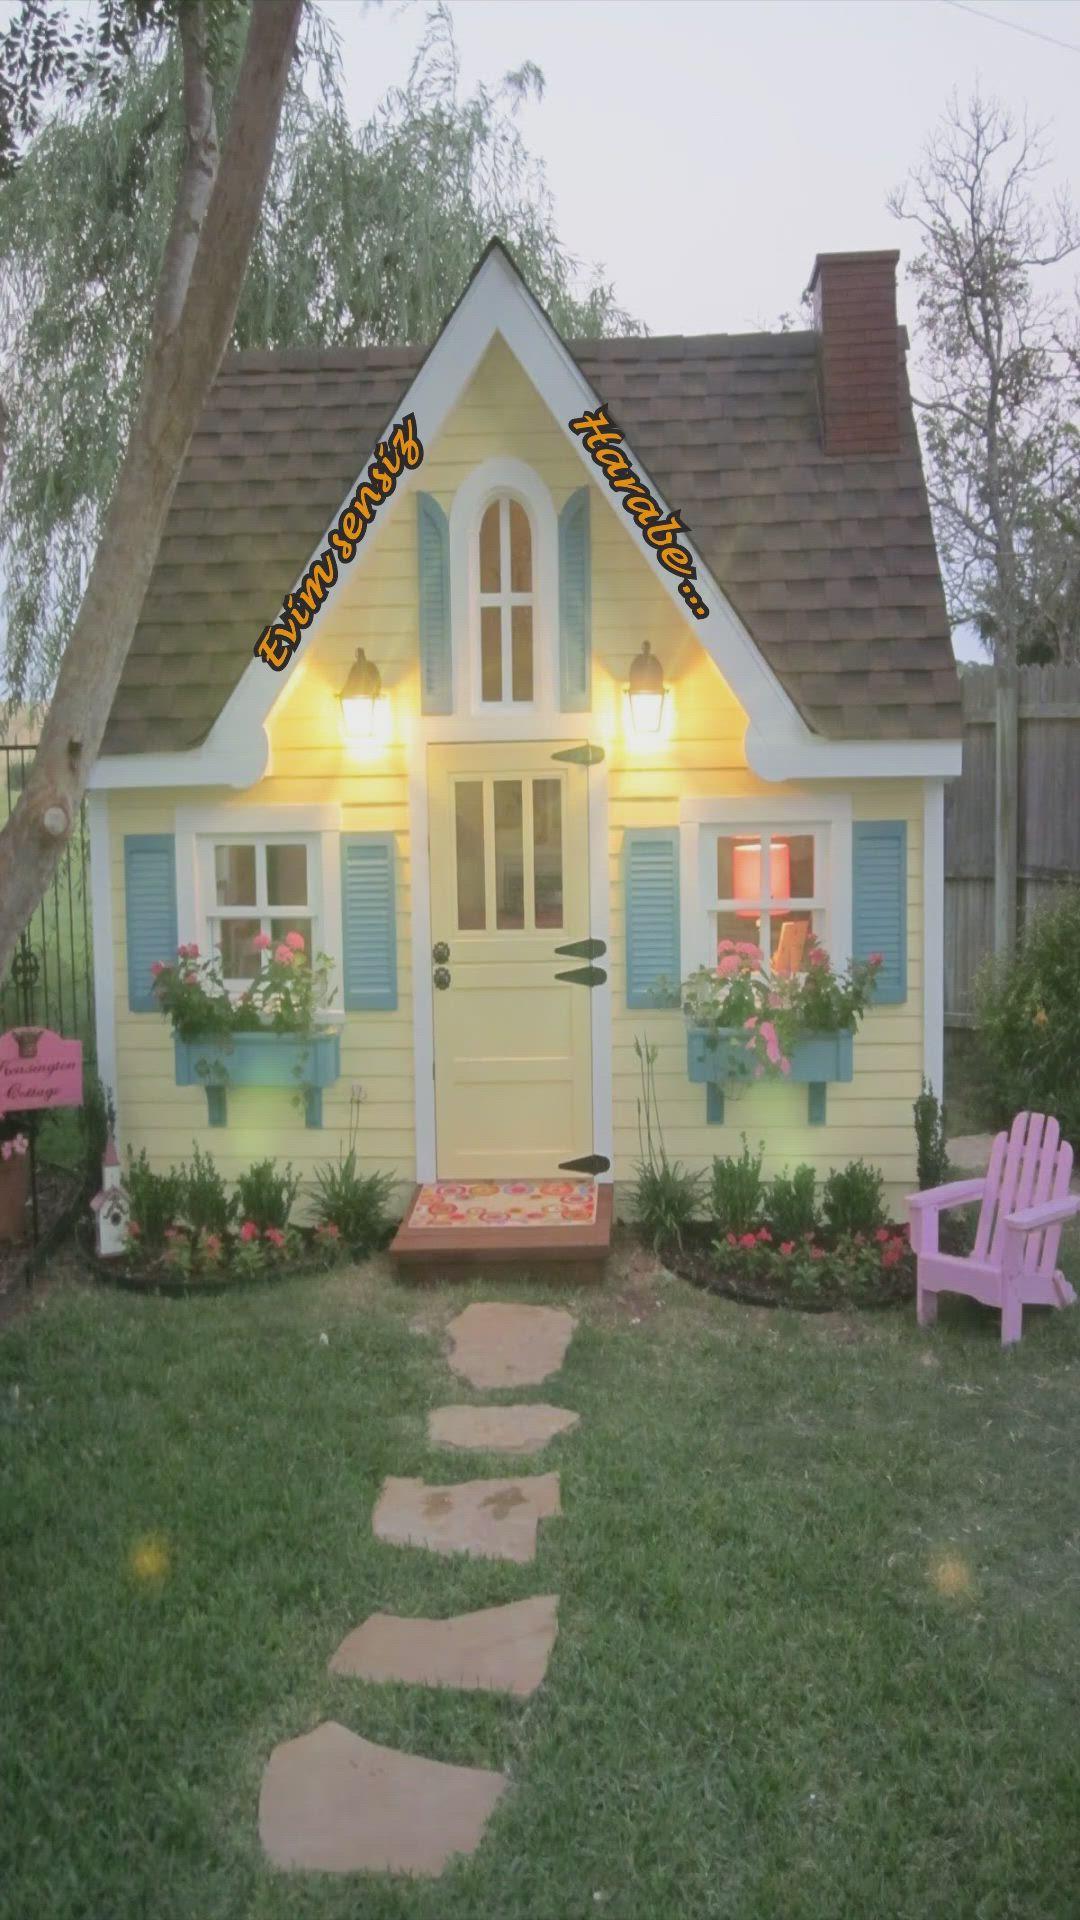 Ah Sensiz Olmaz Evim Sensiz Harabe Video In 2021 Play Houses Little Cottages House Colors Mini house in backyard